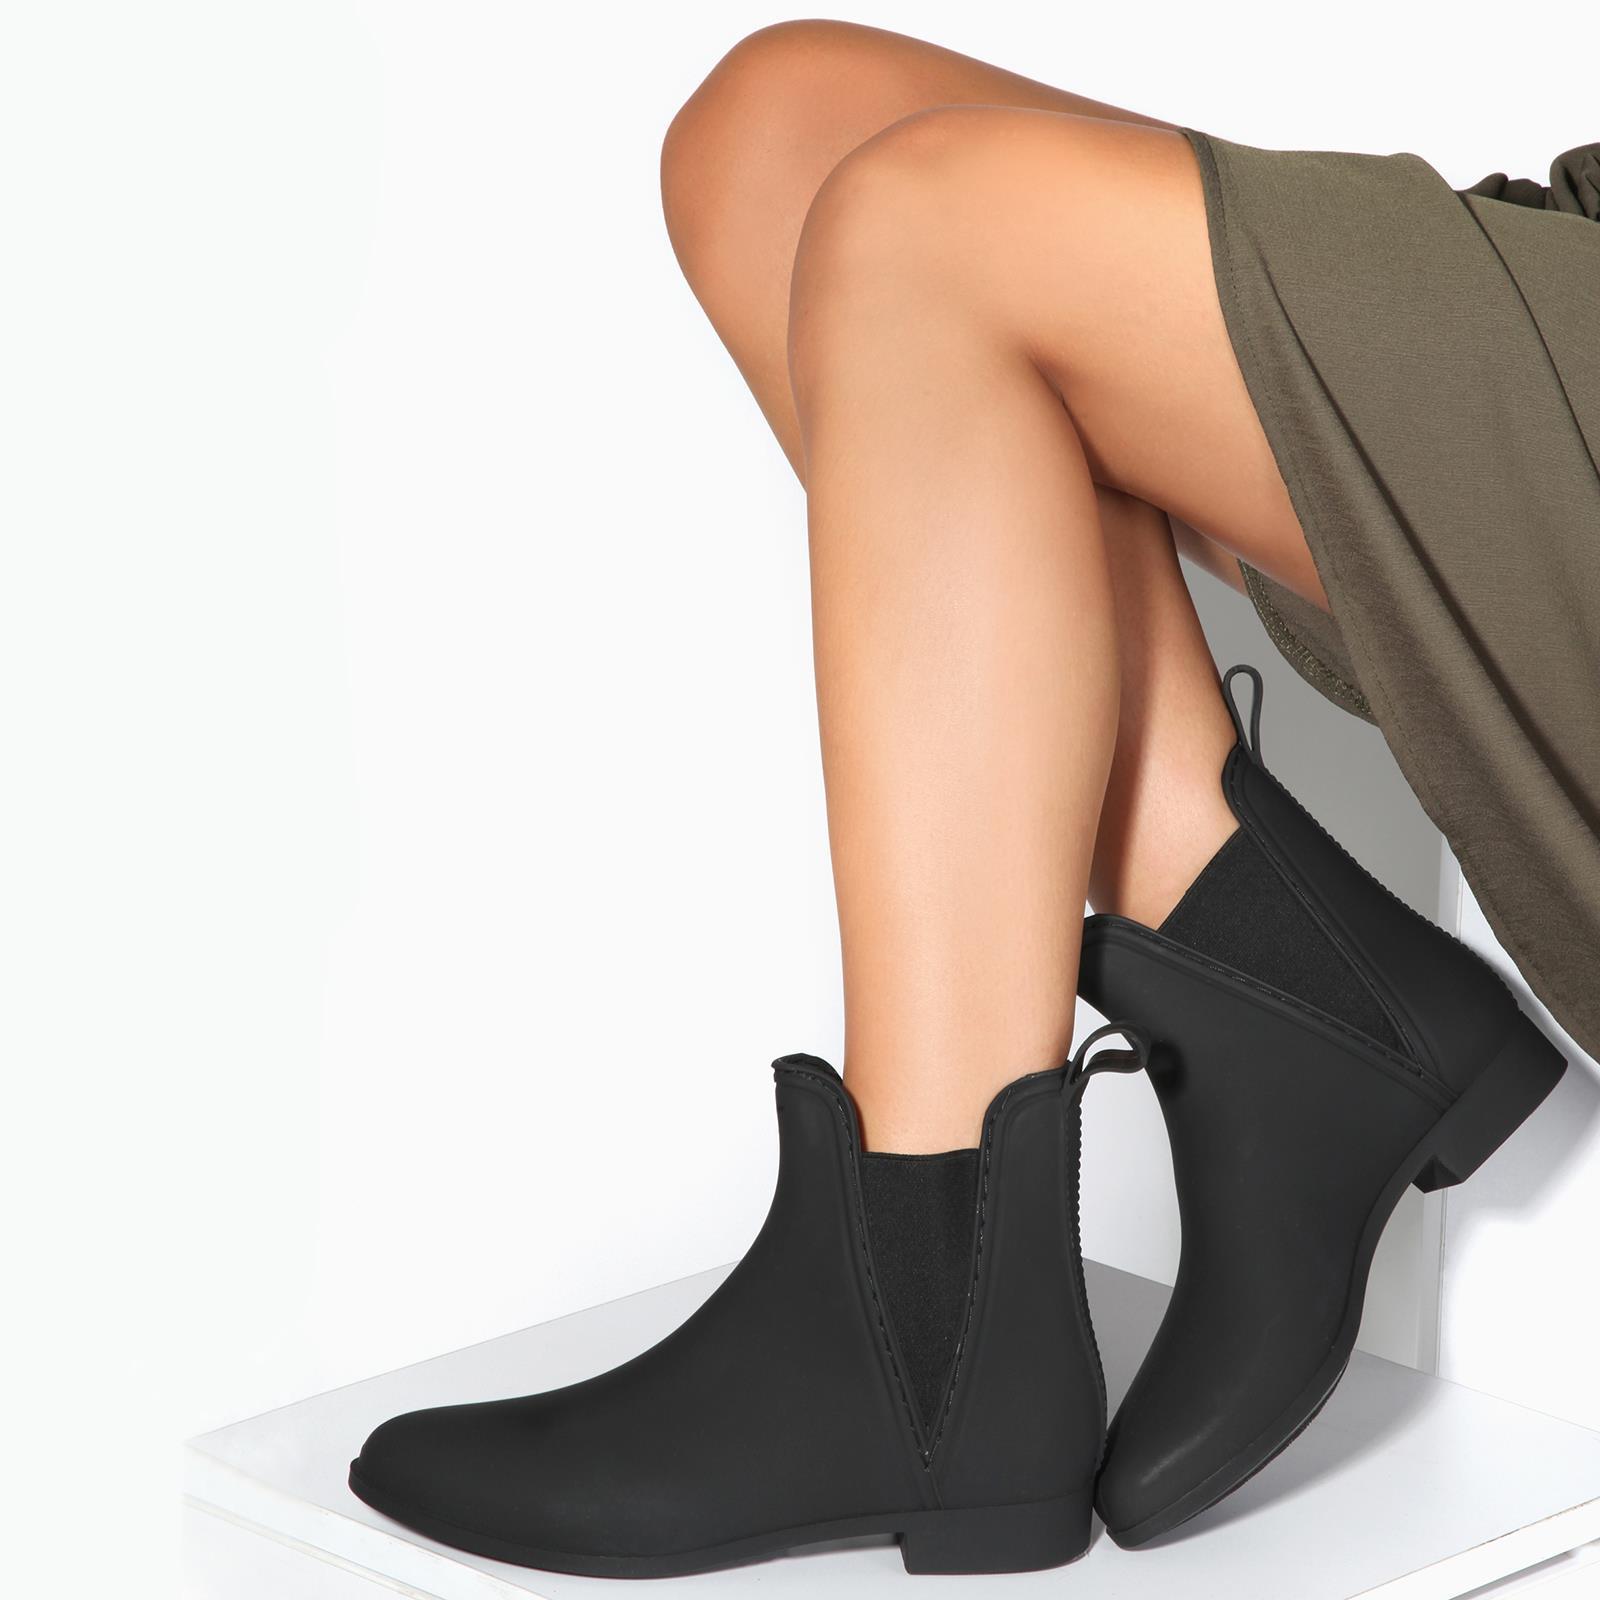 Botas-Agua-Mujer-Barata-Original-Botines-Moda-Comodas-Calzado-Elastico-Juveniles miniatura 32